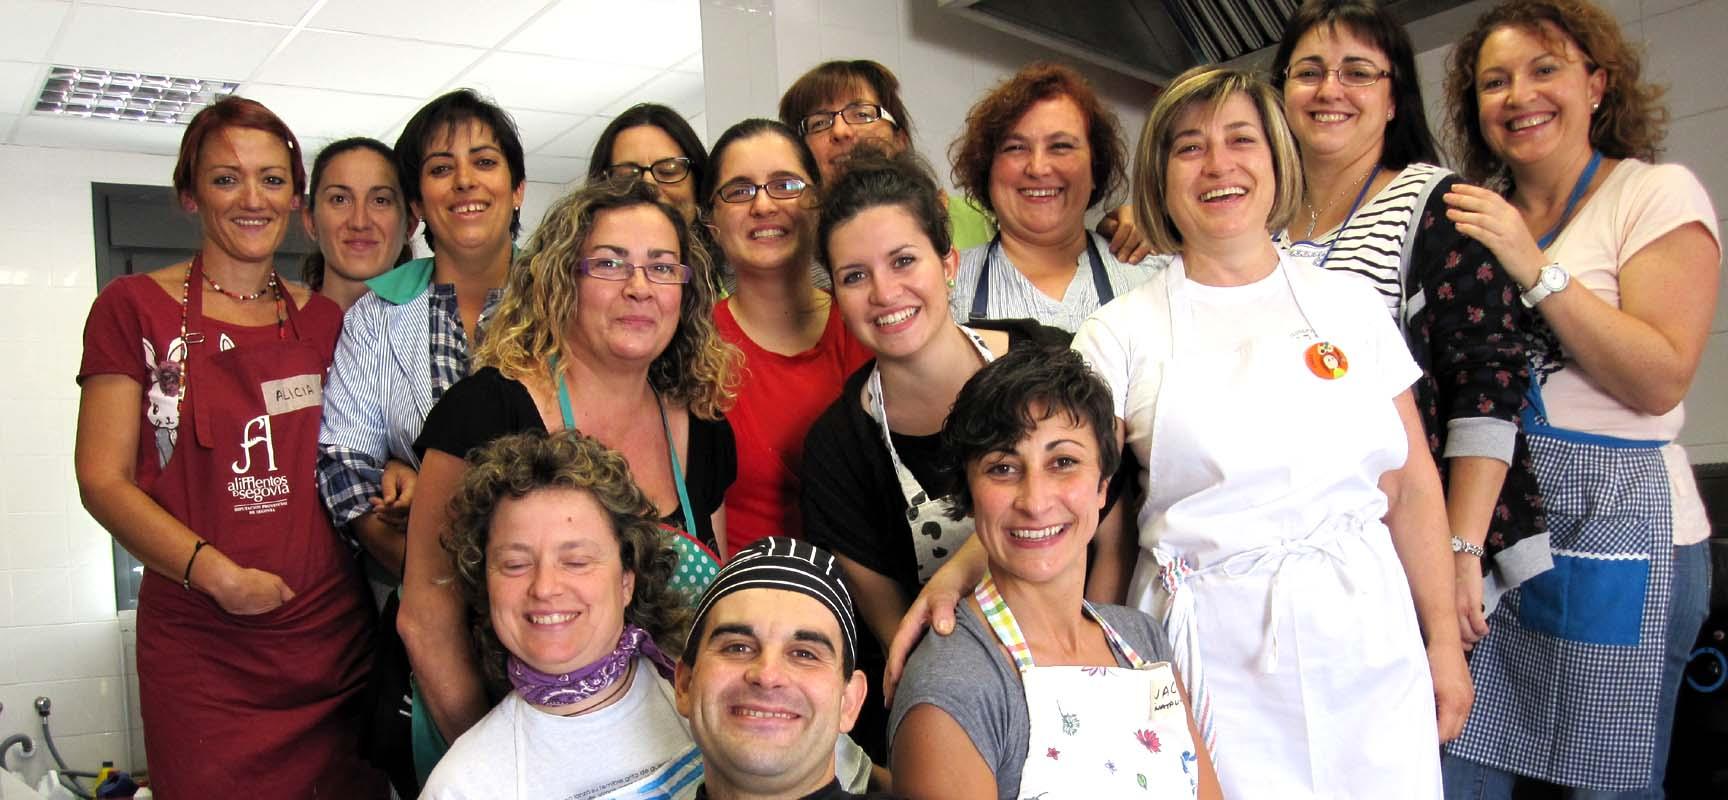 Participantes y profesor de un curso de cocina impartido por Ismur.